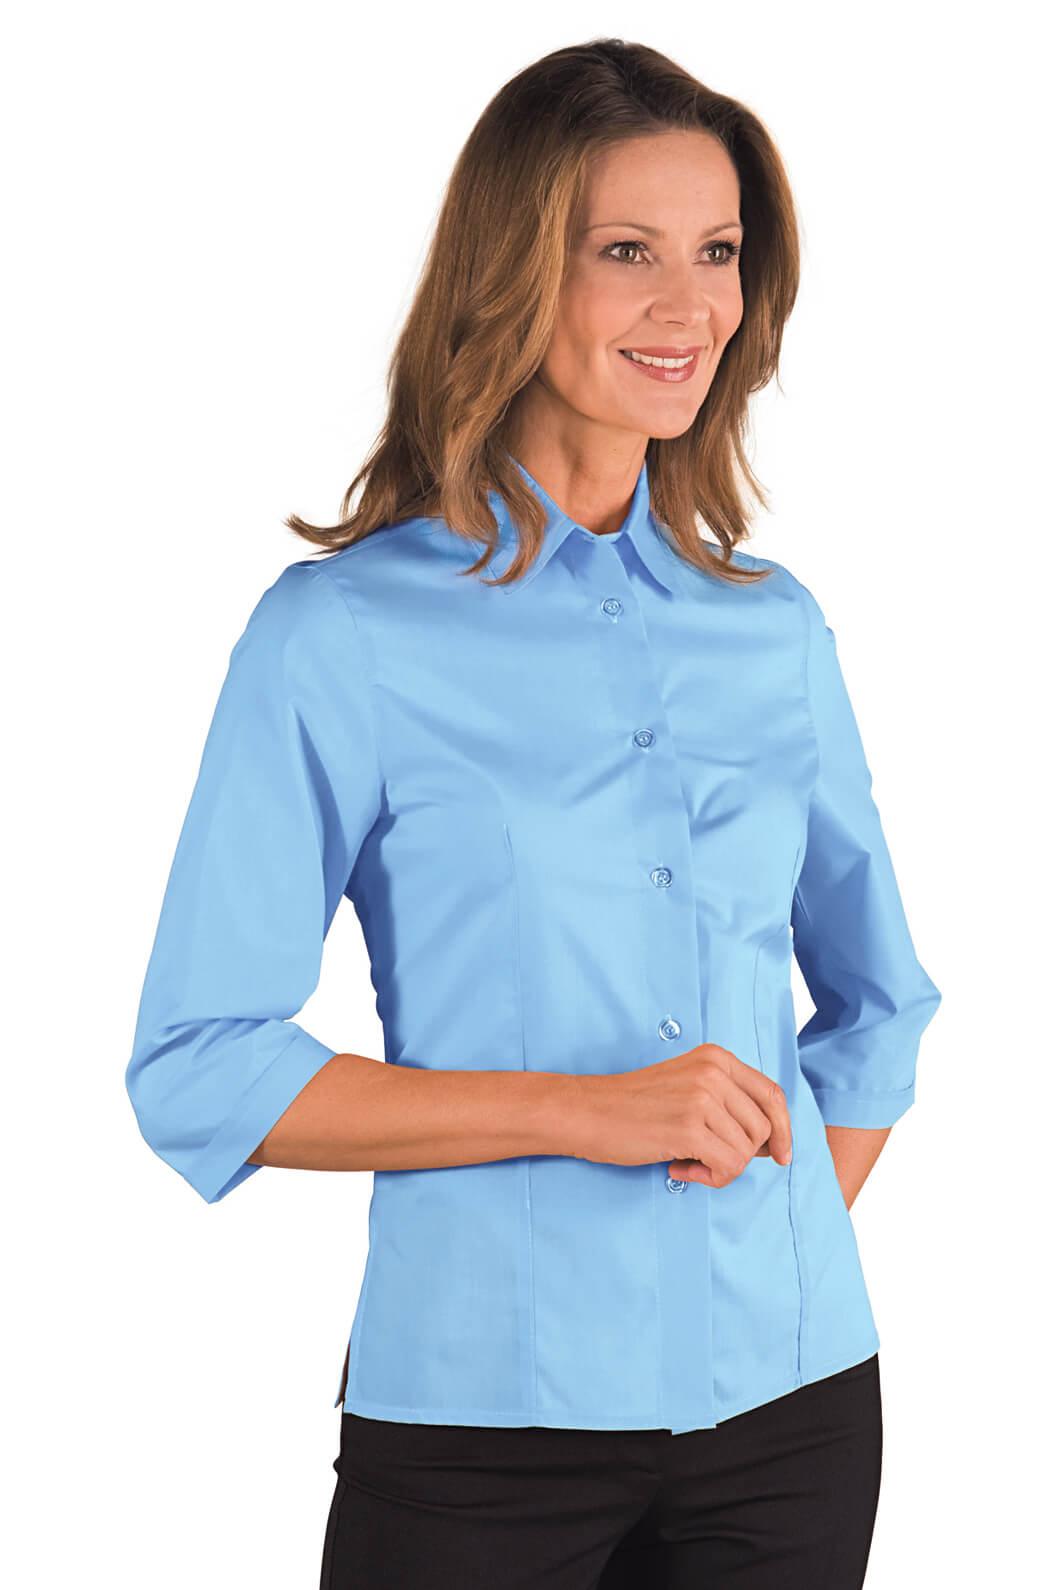 chemise femme kyoto manches 3 4 bleu ciel. Black Bedroom Furniture Sets. Home Design Ideas